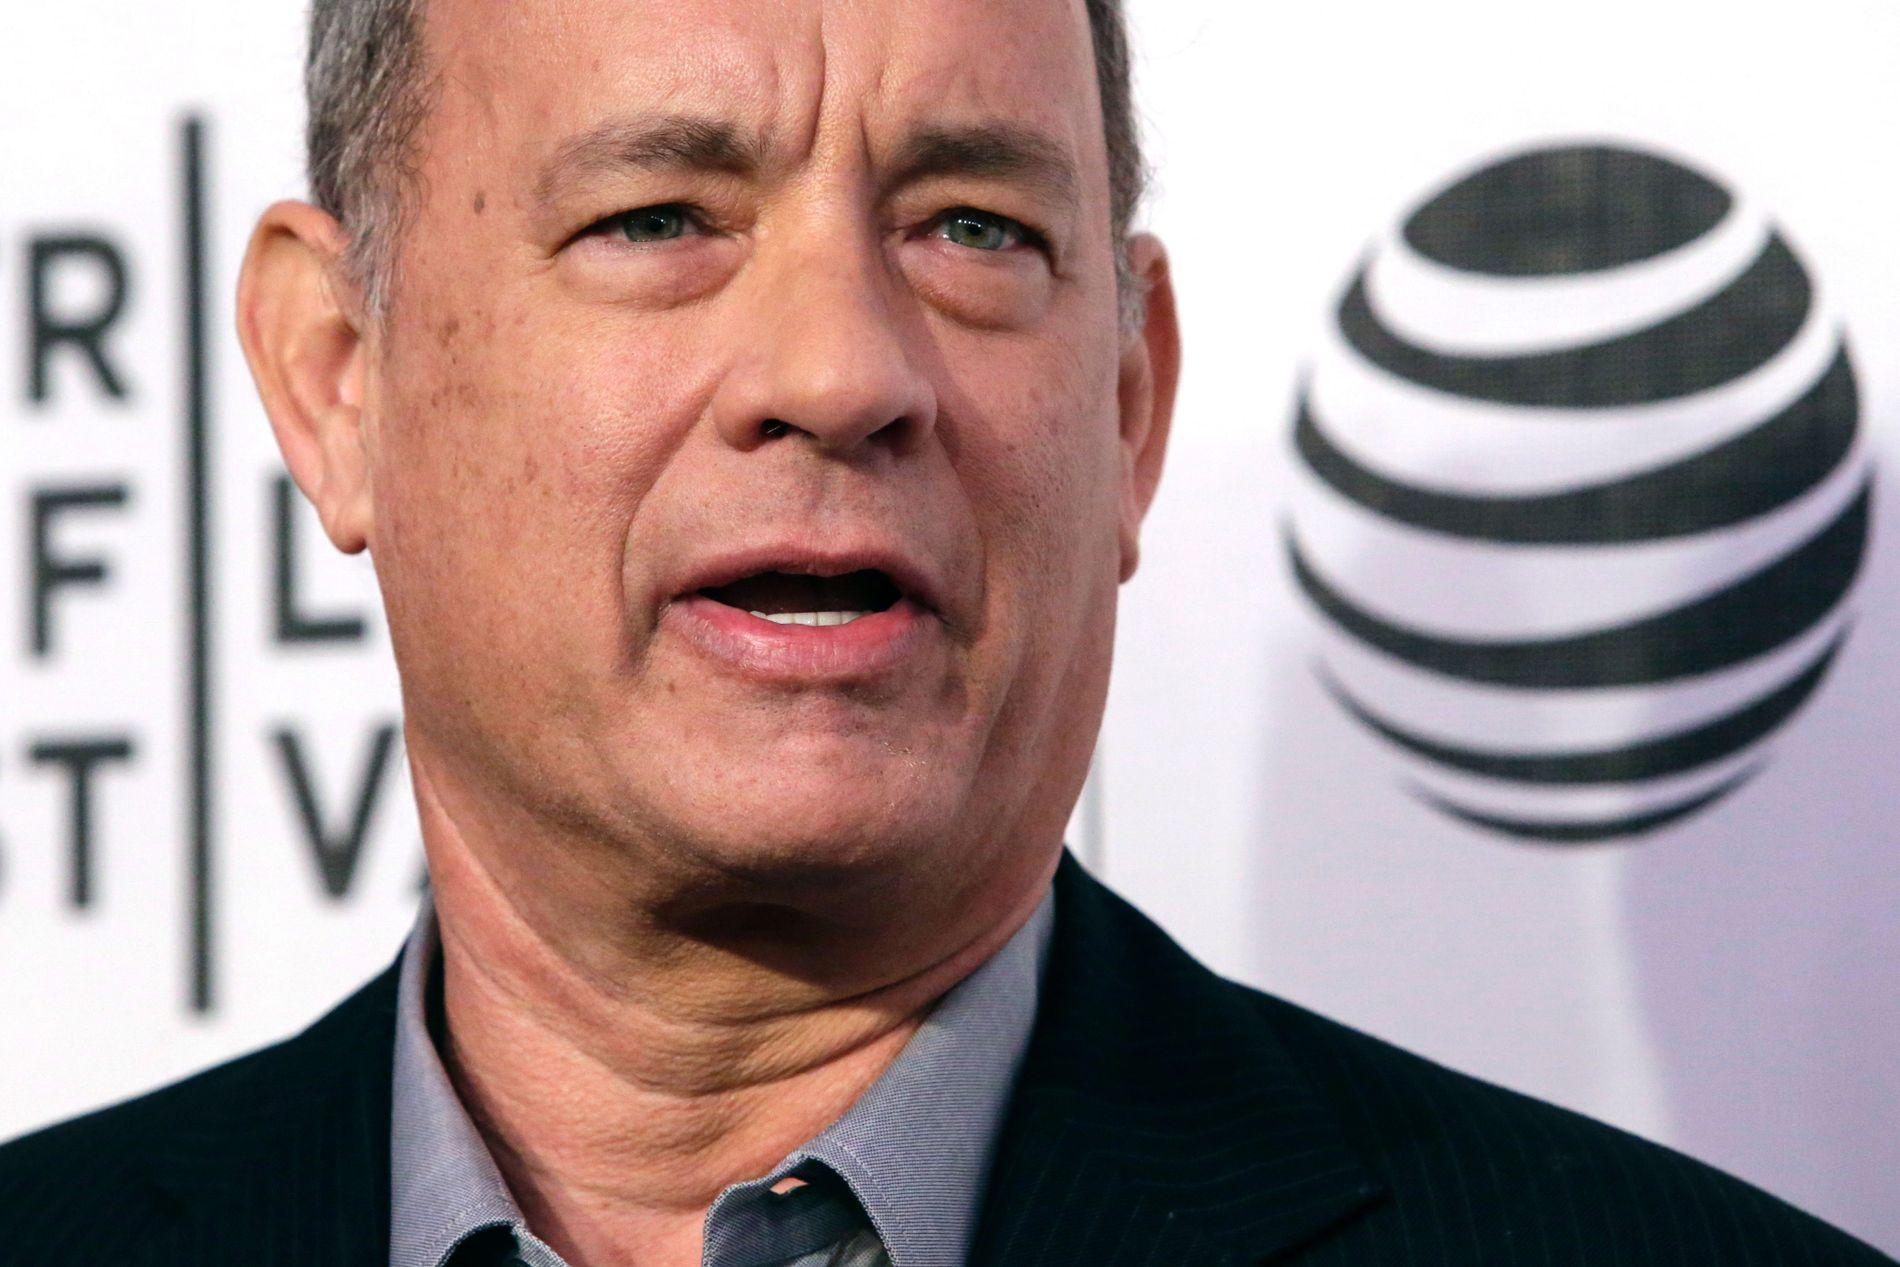 LA UT UNGDOMSBILDE AV MOREN: Skuespiller Tom Hanks.